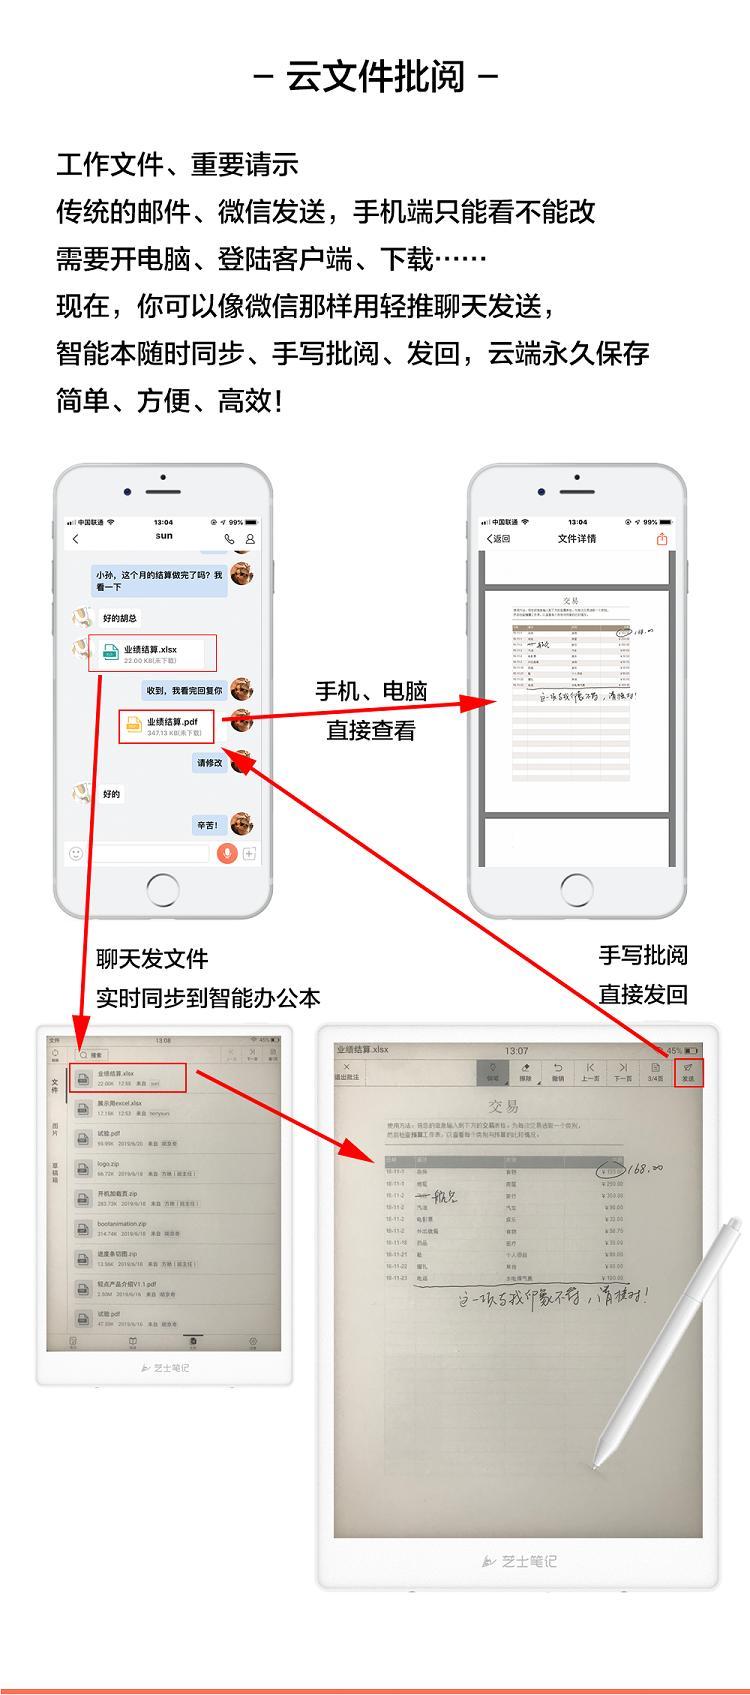 芝士笔记-轻推版智能办公本-官网,官方淘宝店 电子笔记 第2张